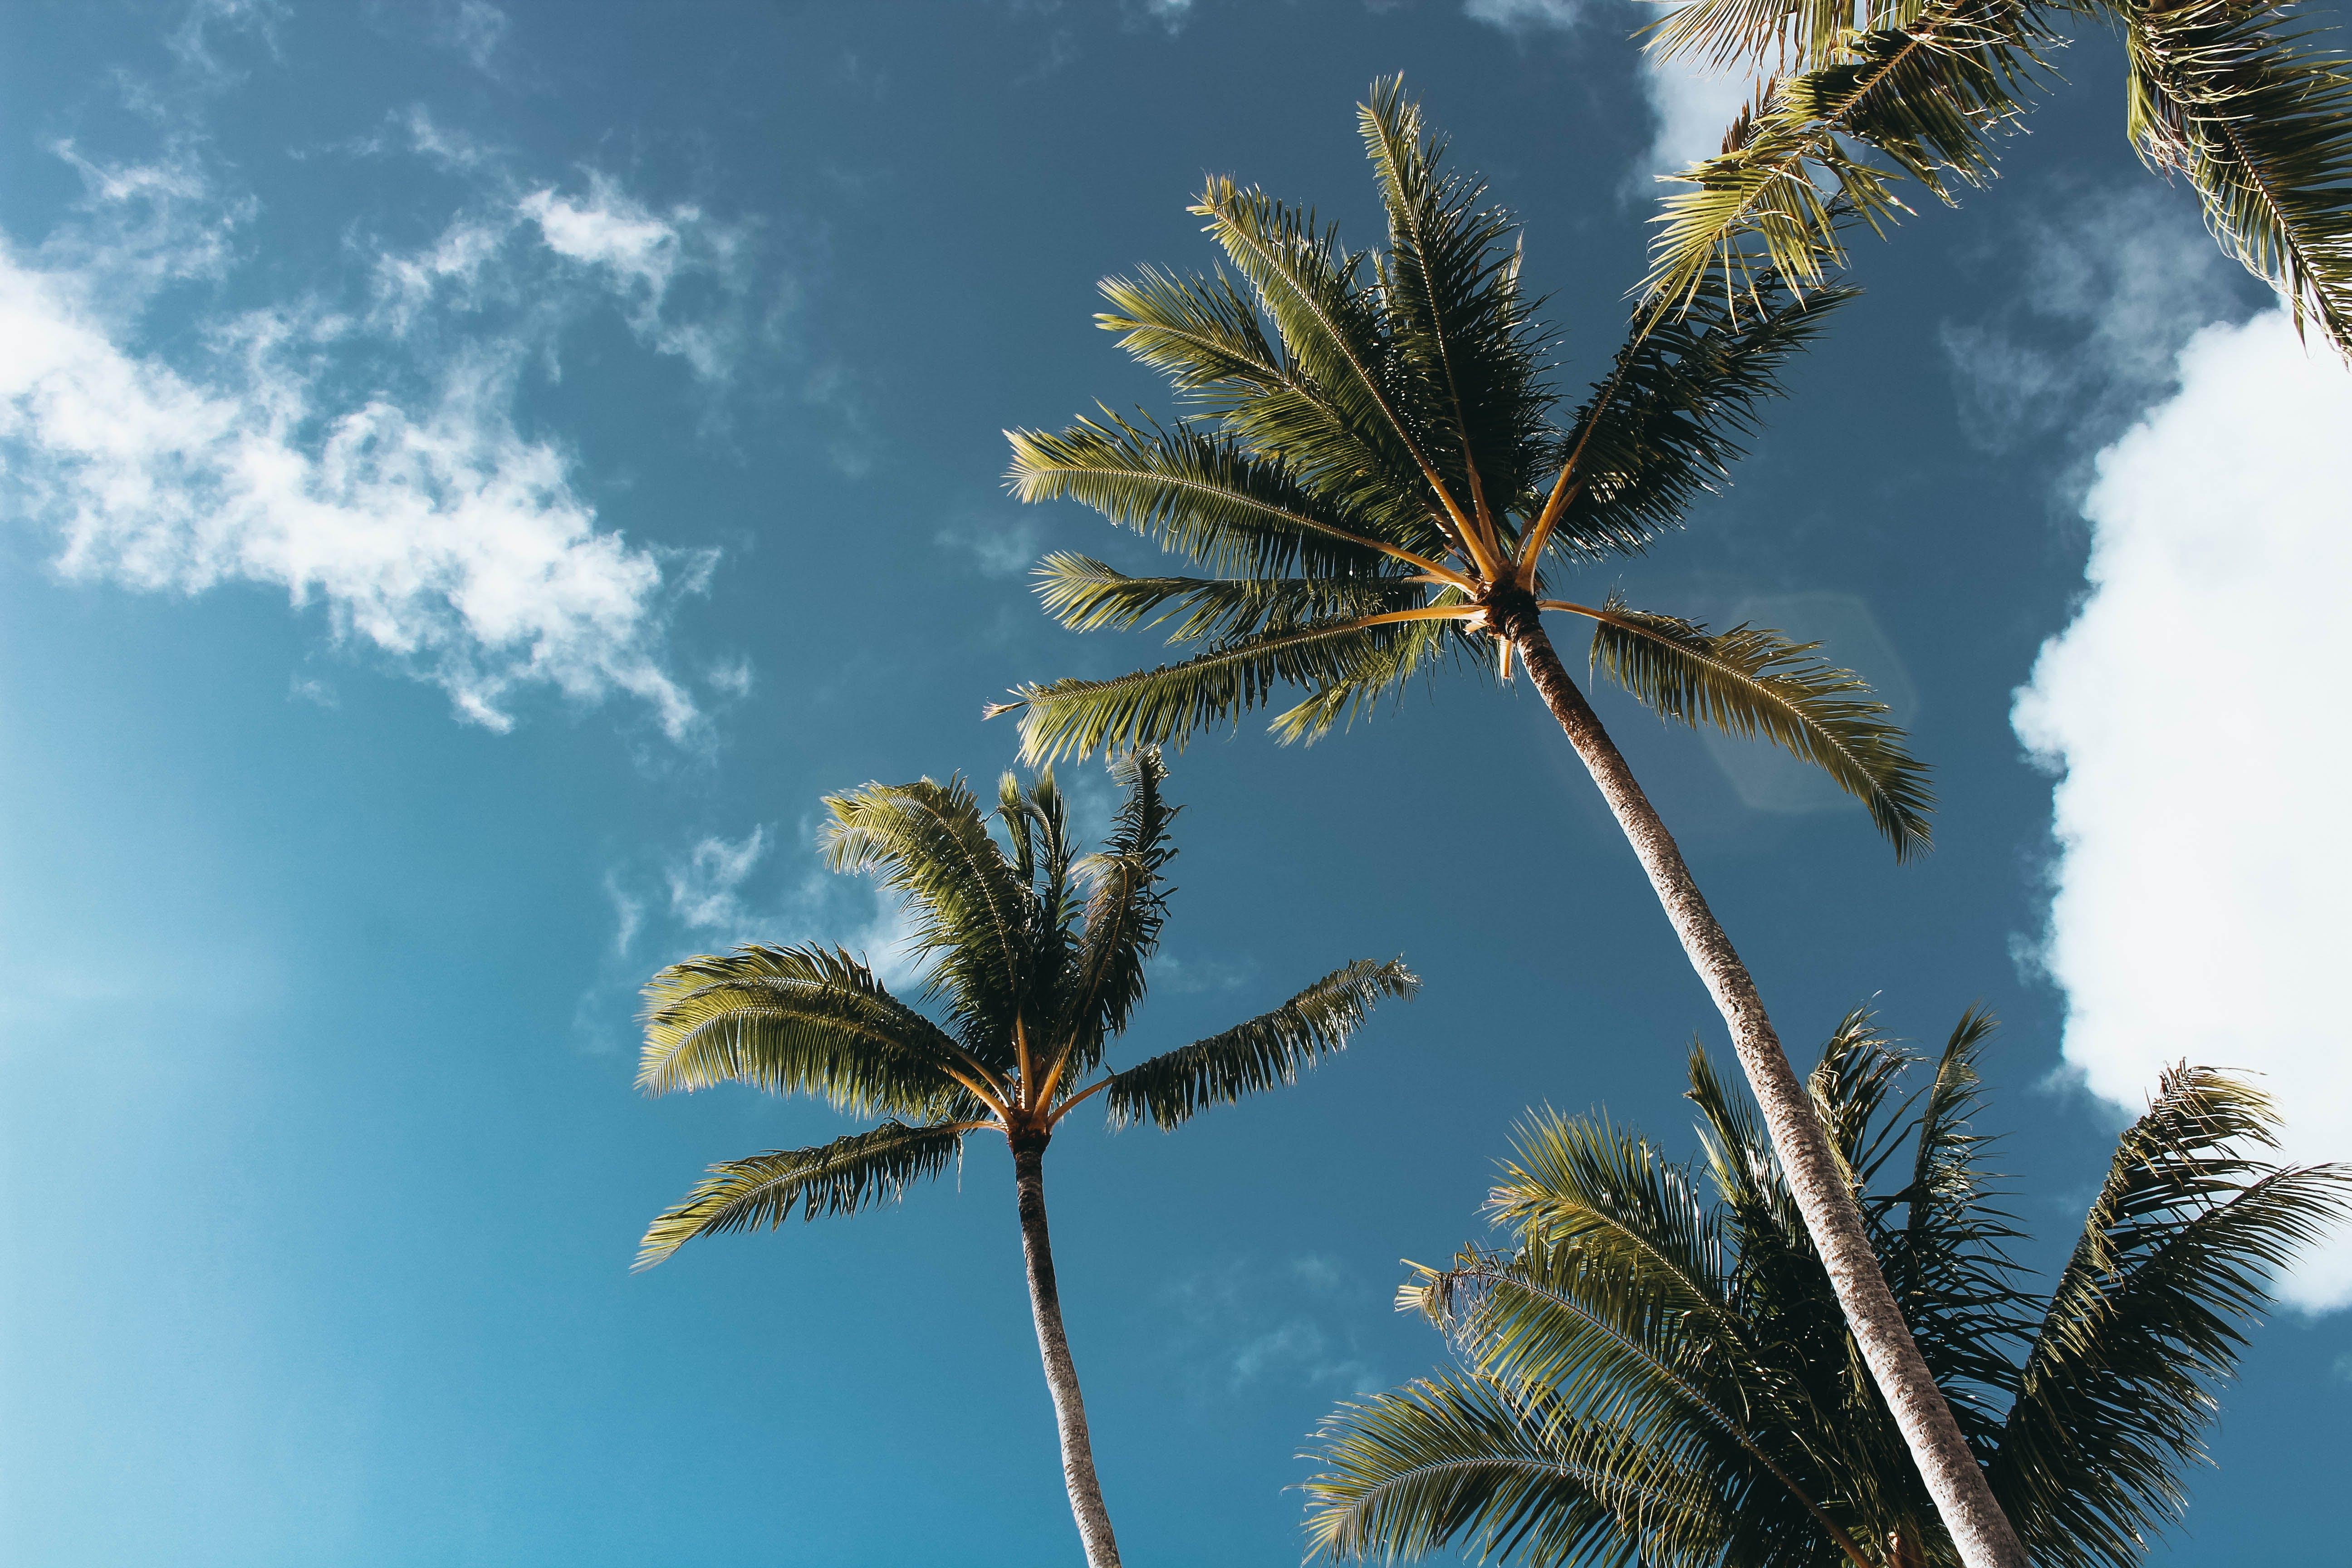 aufnahme von unten, bäume, froschperspektive